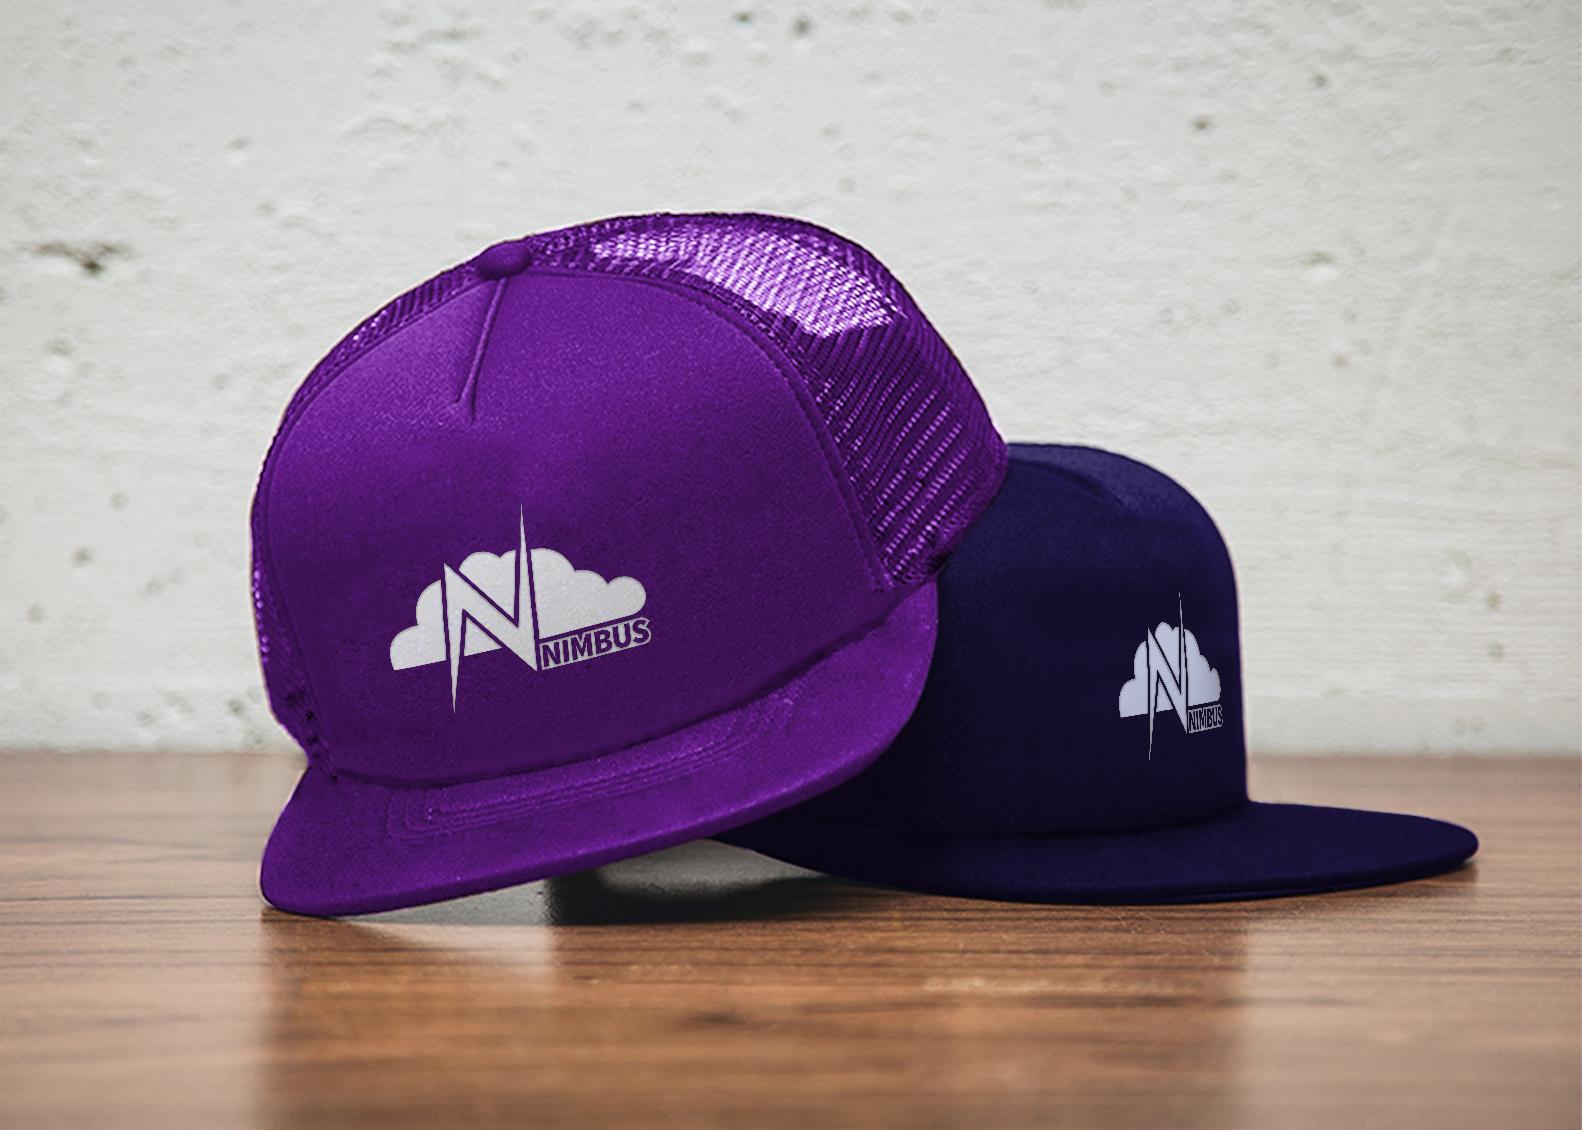 Nimbus Hat Mockup